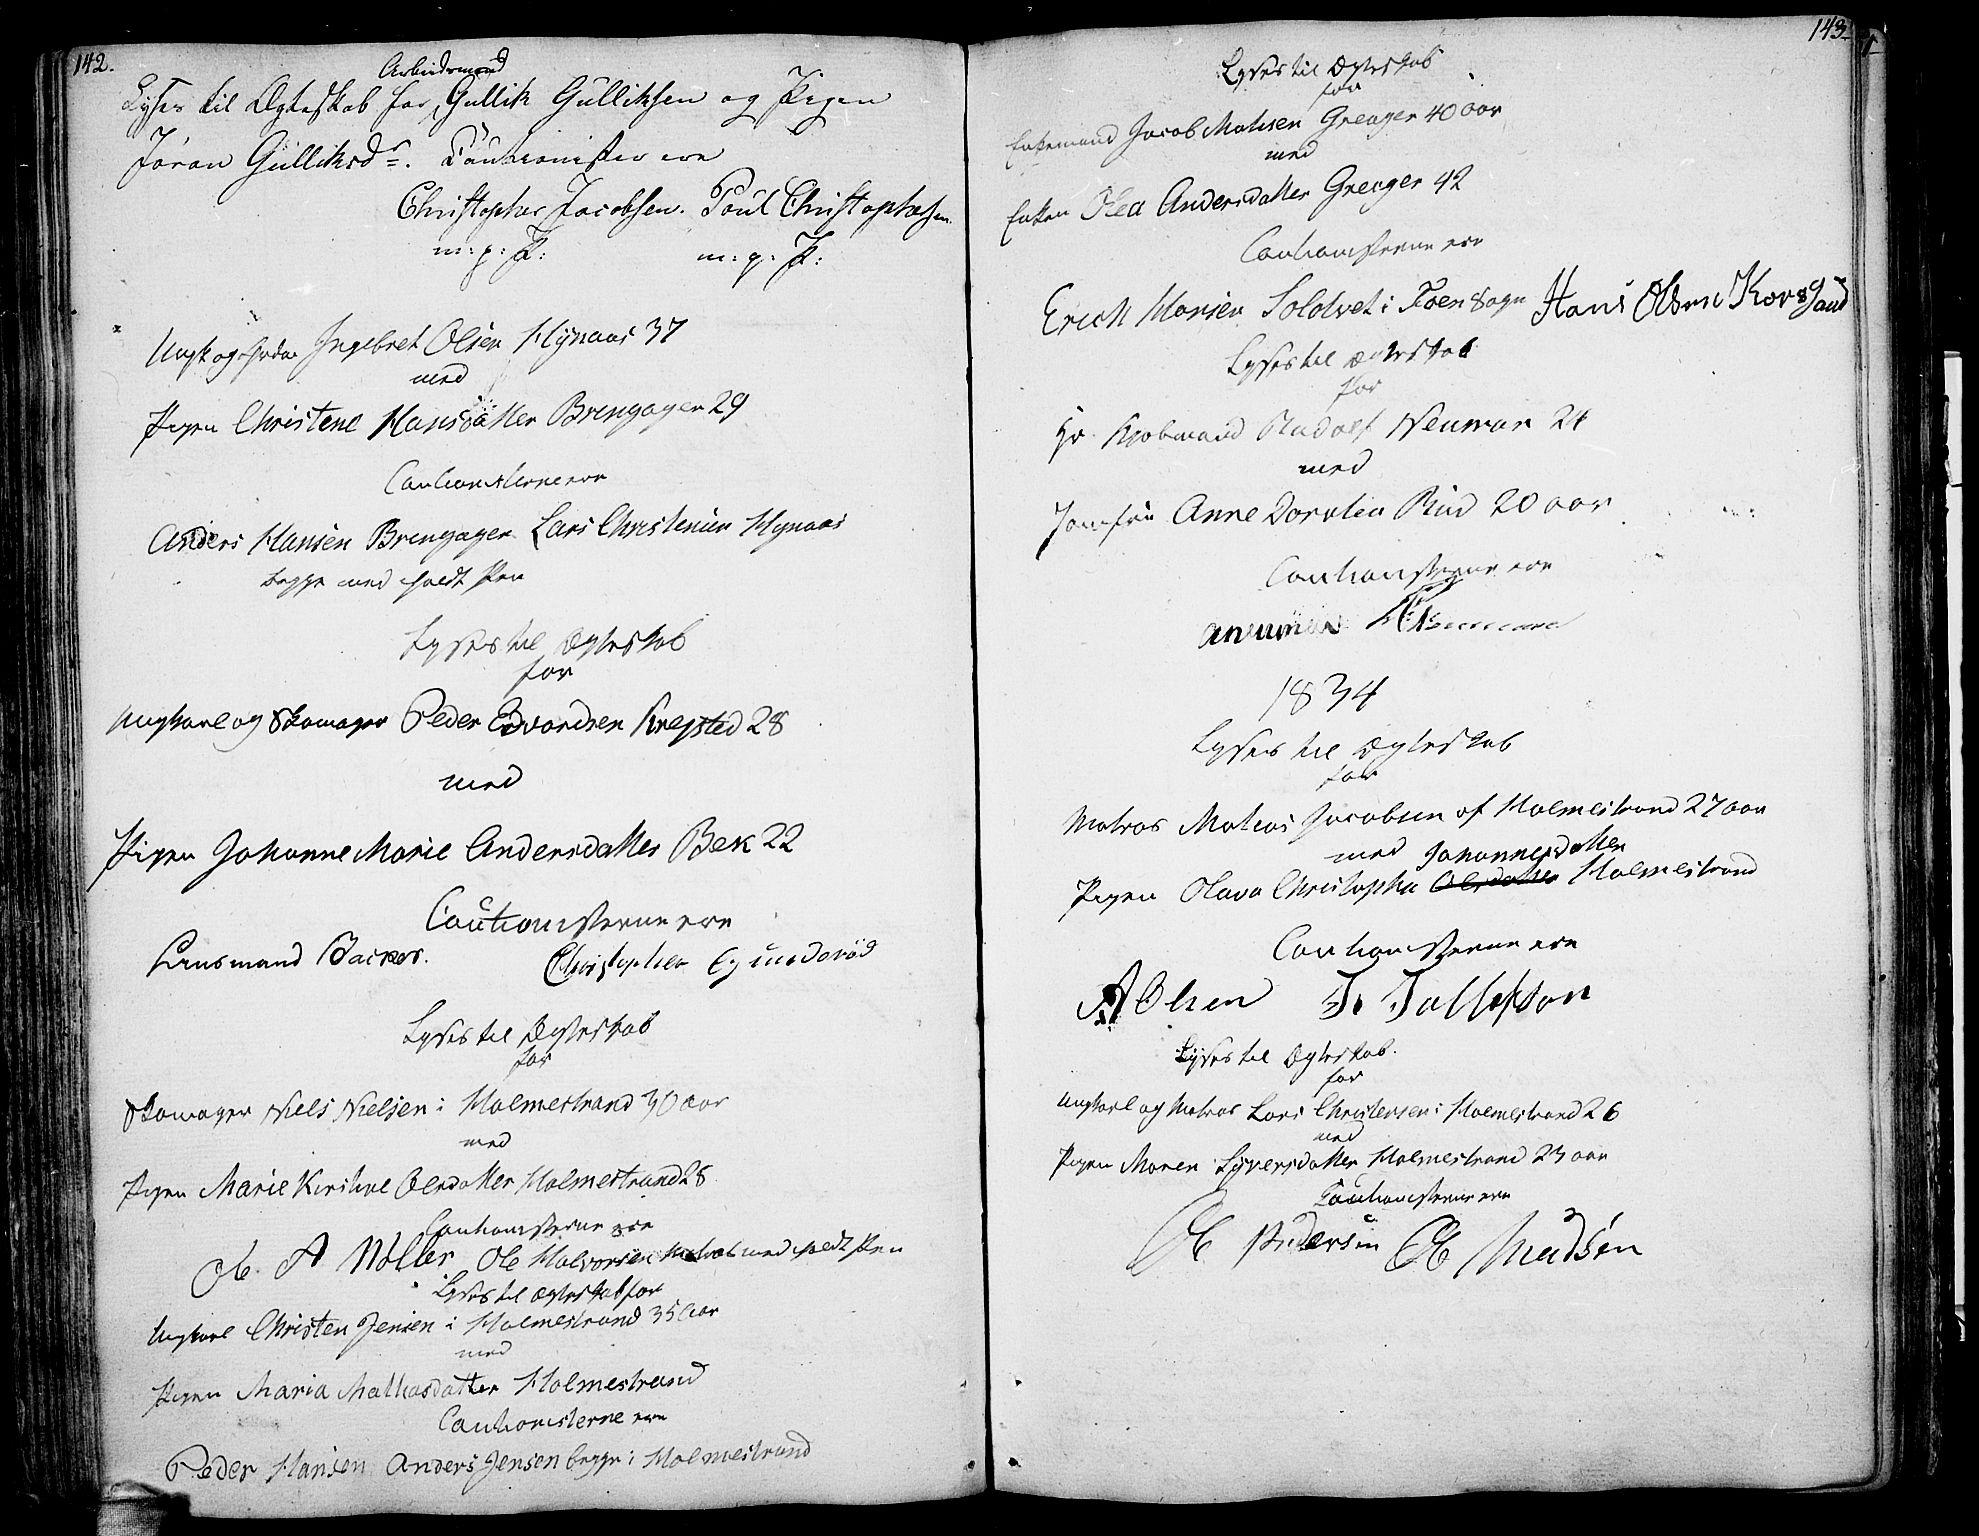 SAKO, Botne kirkebøker, F/Fa/L0003: Ministerialbok nr. I 3 /1, 1792-1844, s. 142-143